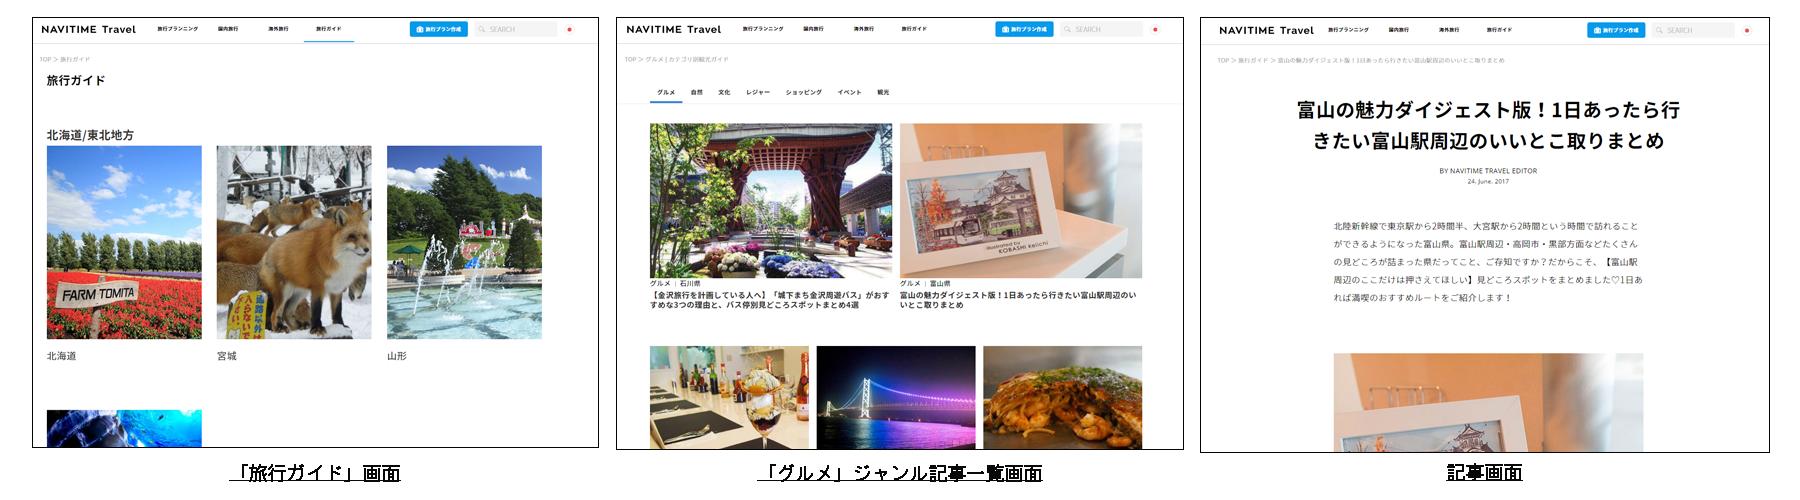 http://corporate.navitime.co.jp/topics/057f9d46f11081a5fd42e8c2b26c3bc458d2eeb3.png